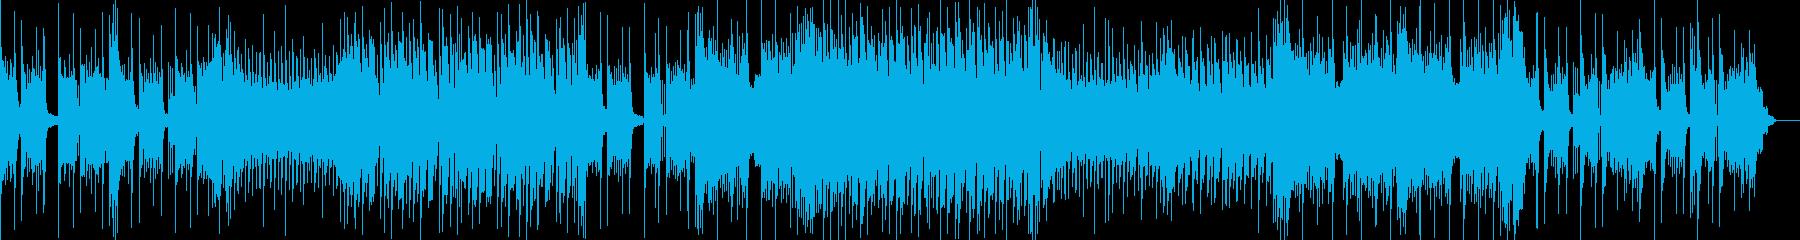 切なくてカッコいいEDMの再生済みの波形